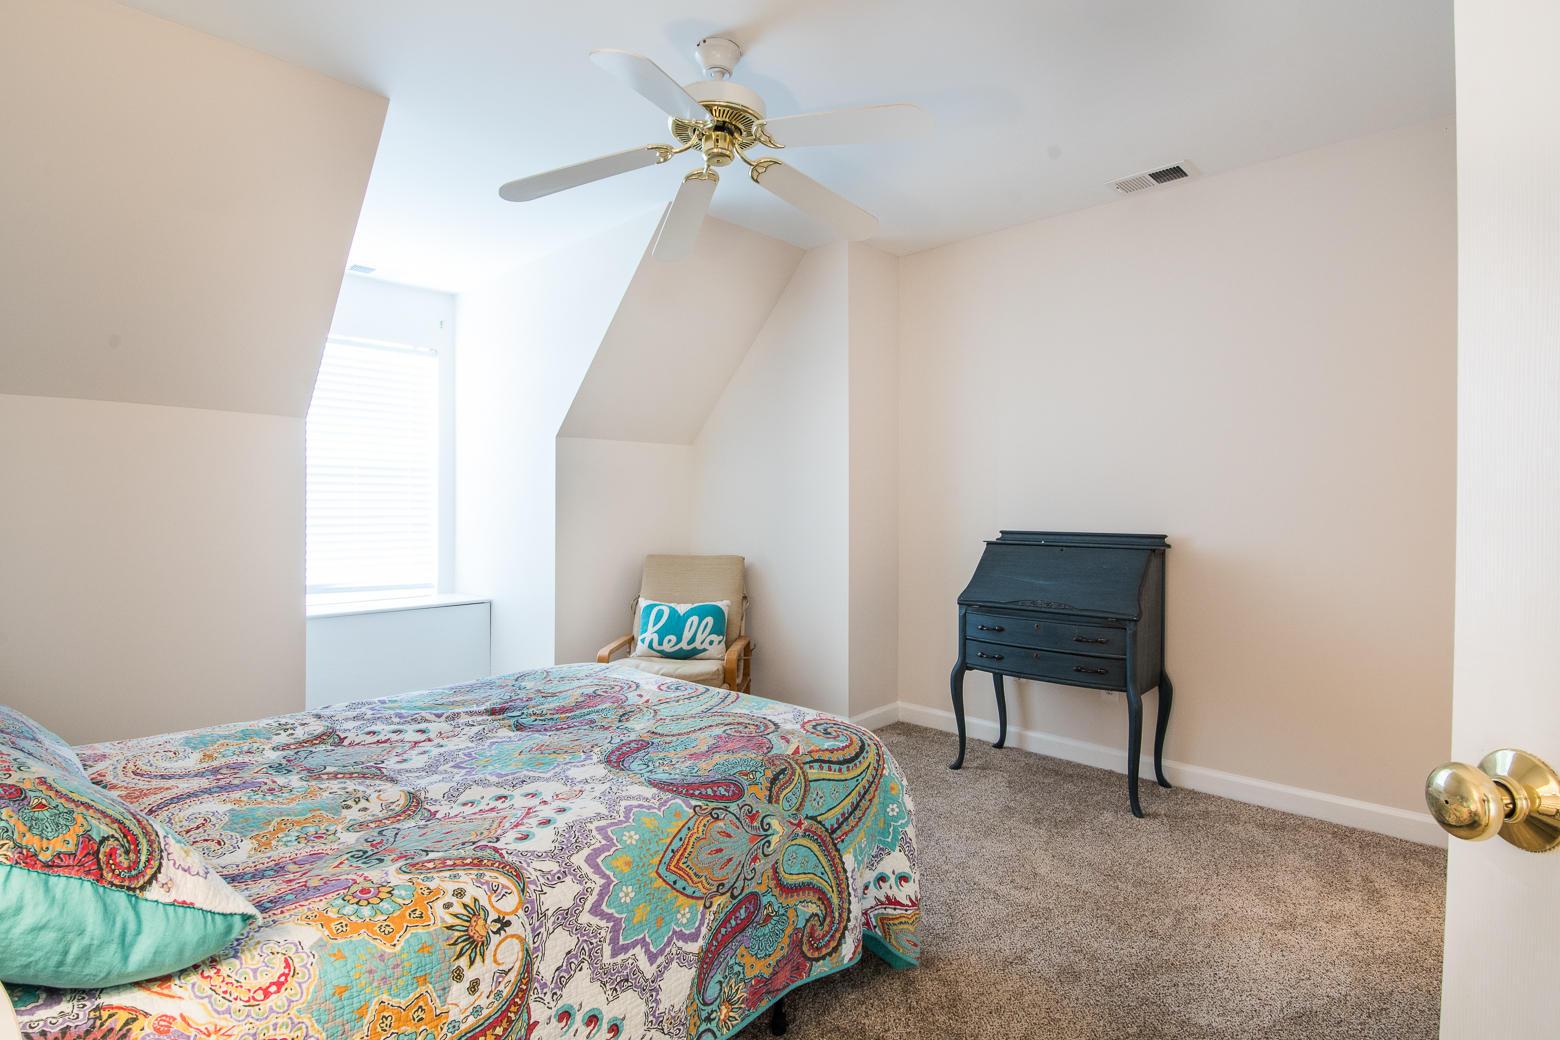 Dunes West Homes For Sale - 1111 Black Rush, Mount Pleasant, SC - 38